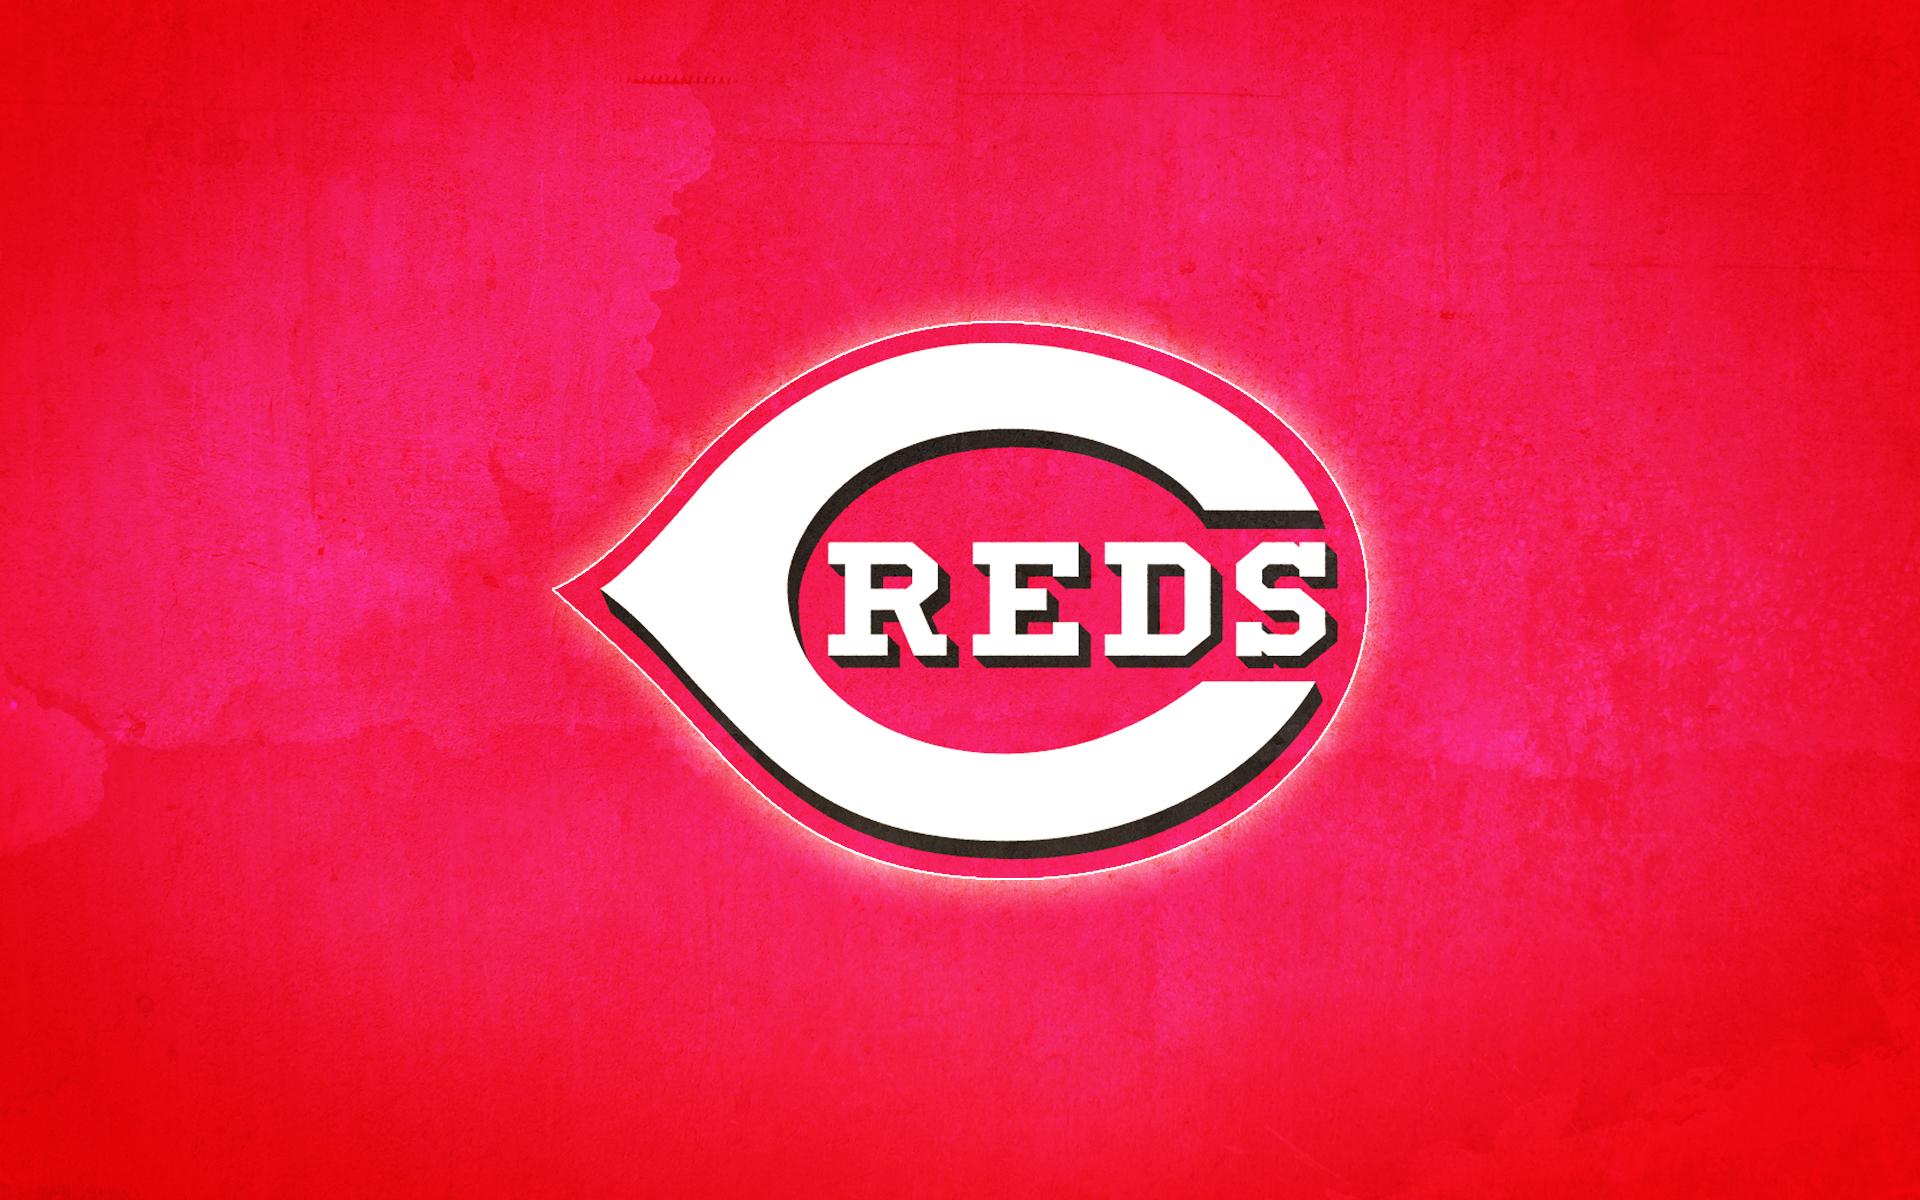 Reds Wallpaper 13563 1920x1200 px